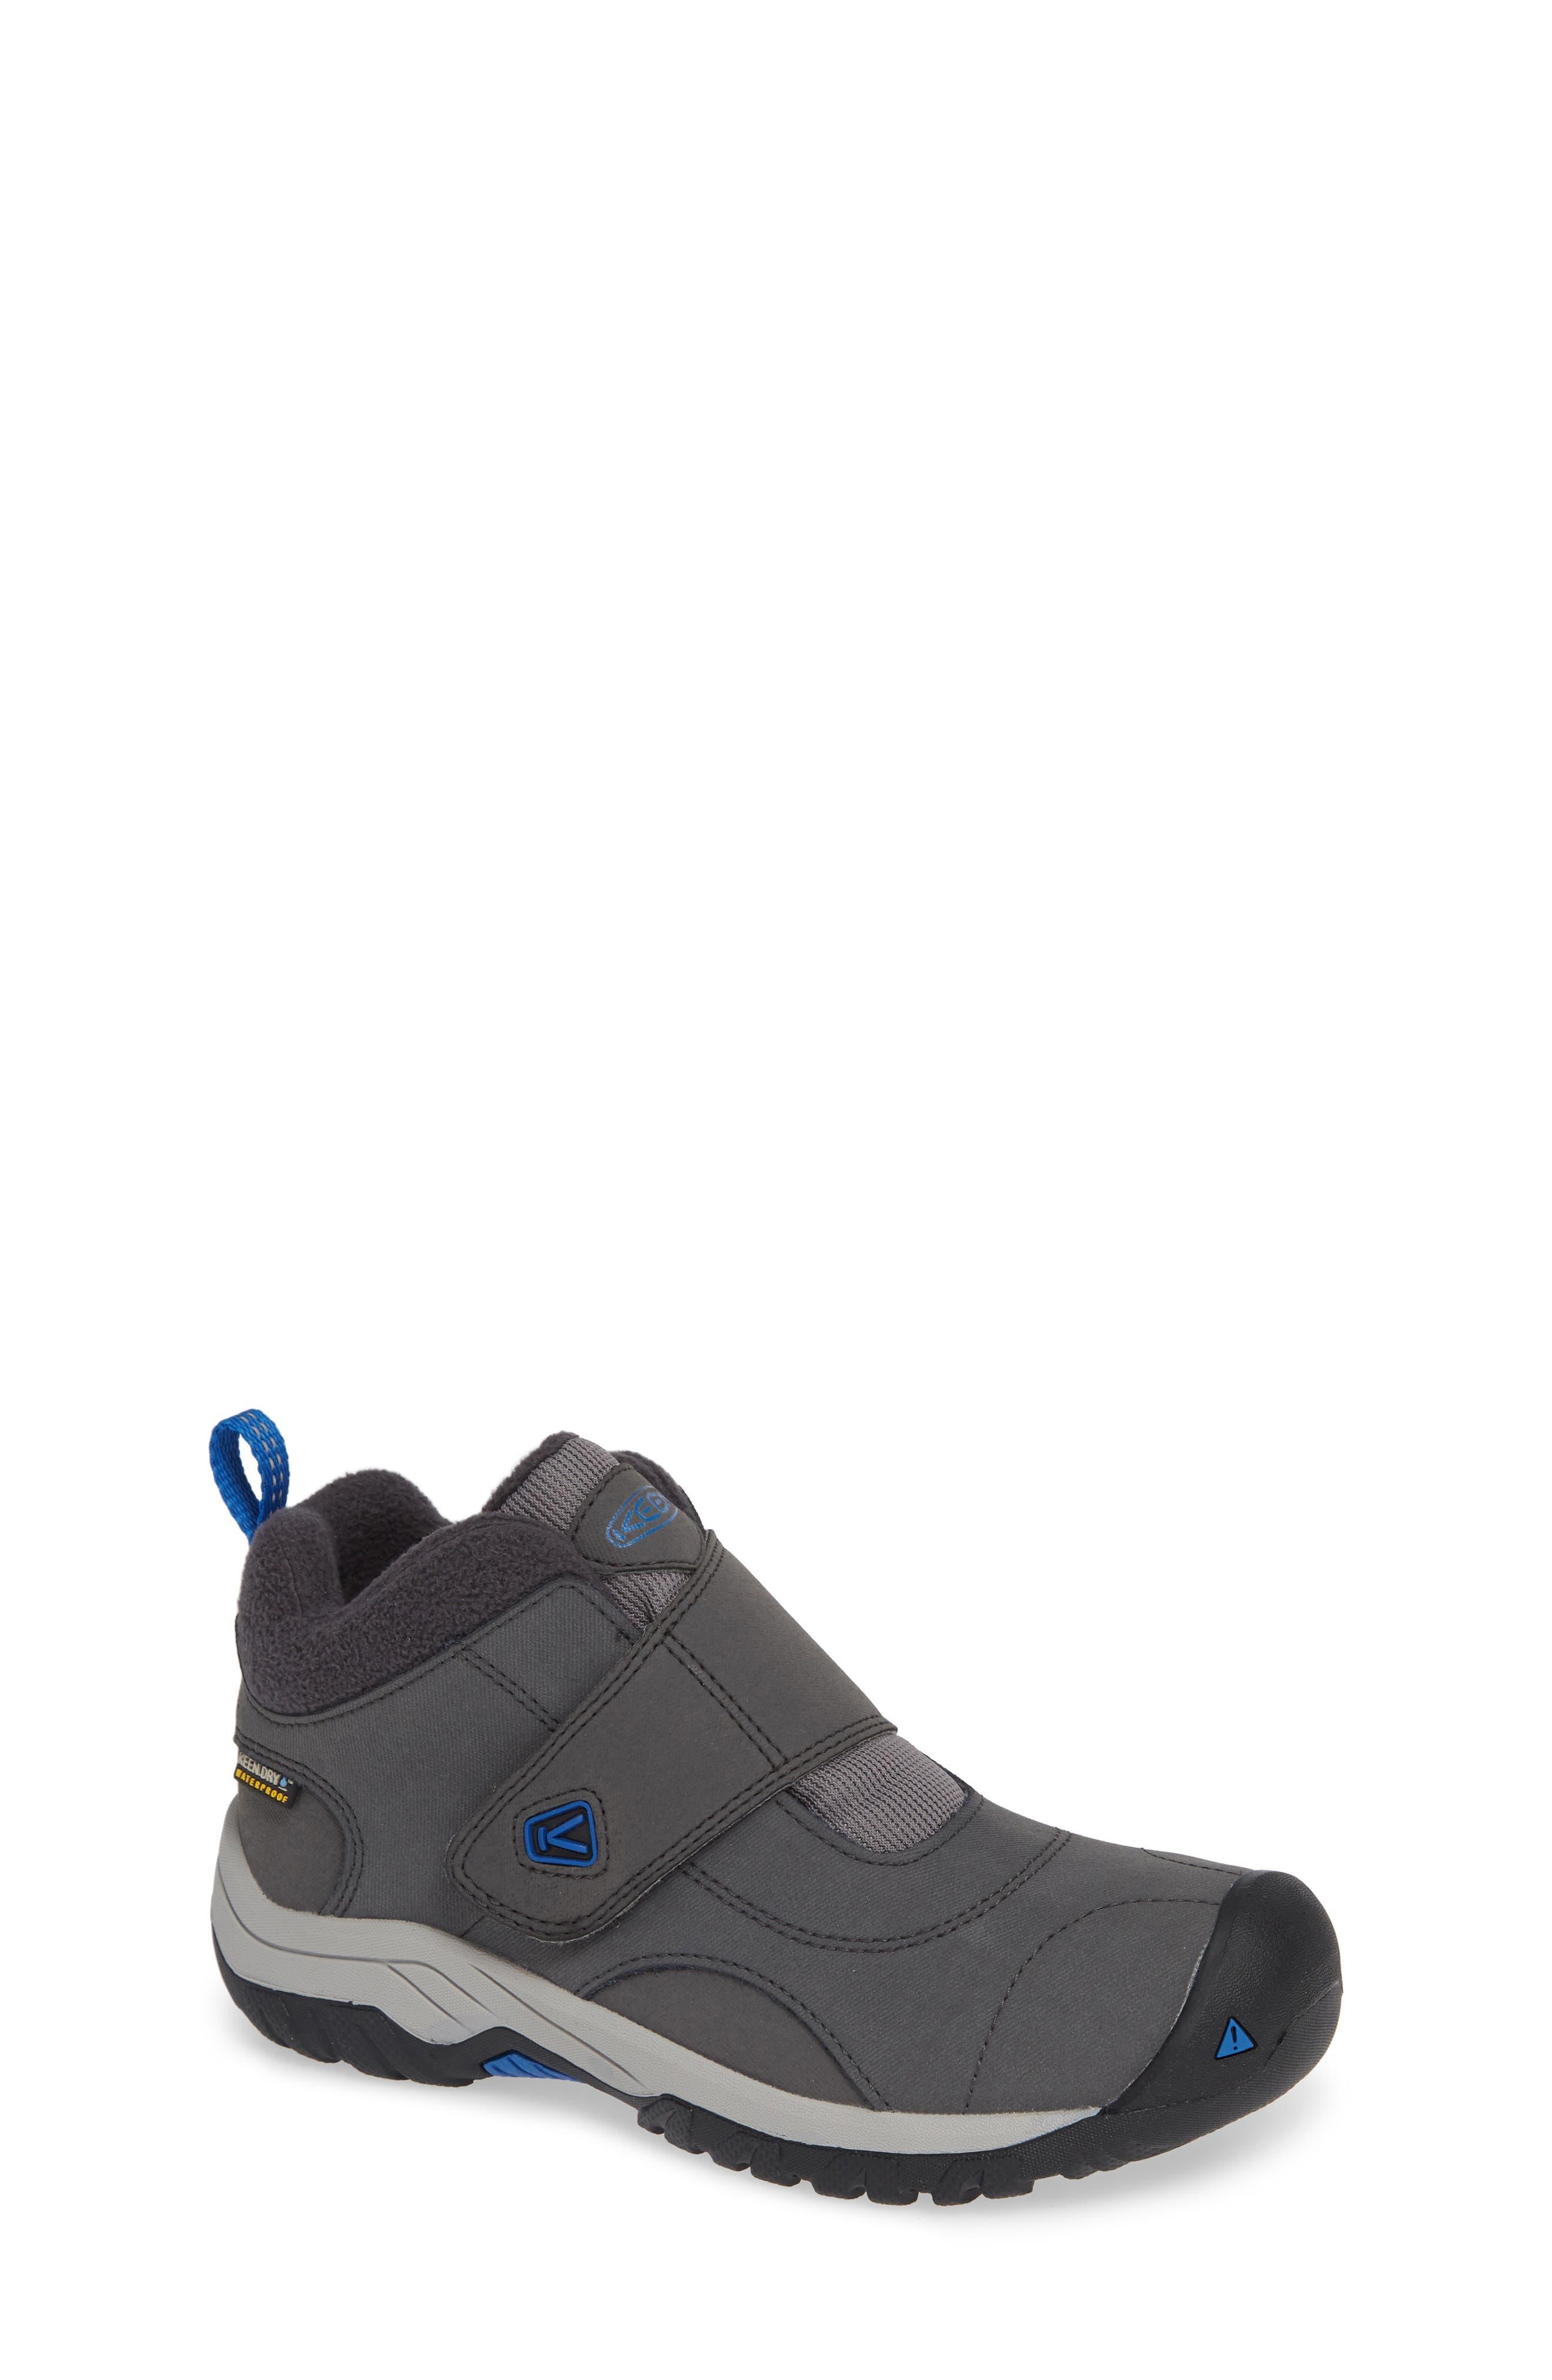 Boys Keen Kootenay Ii Waterproof Bootie Size 6 M  Grey